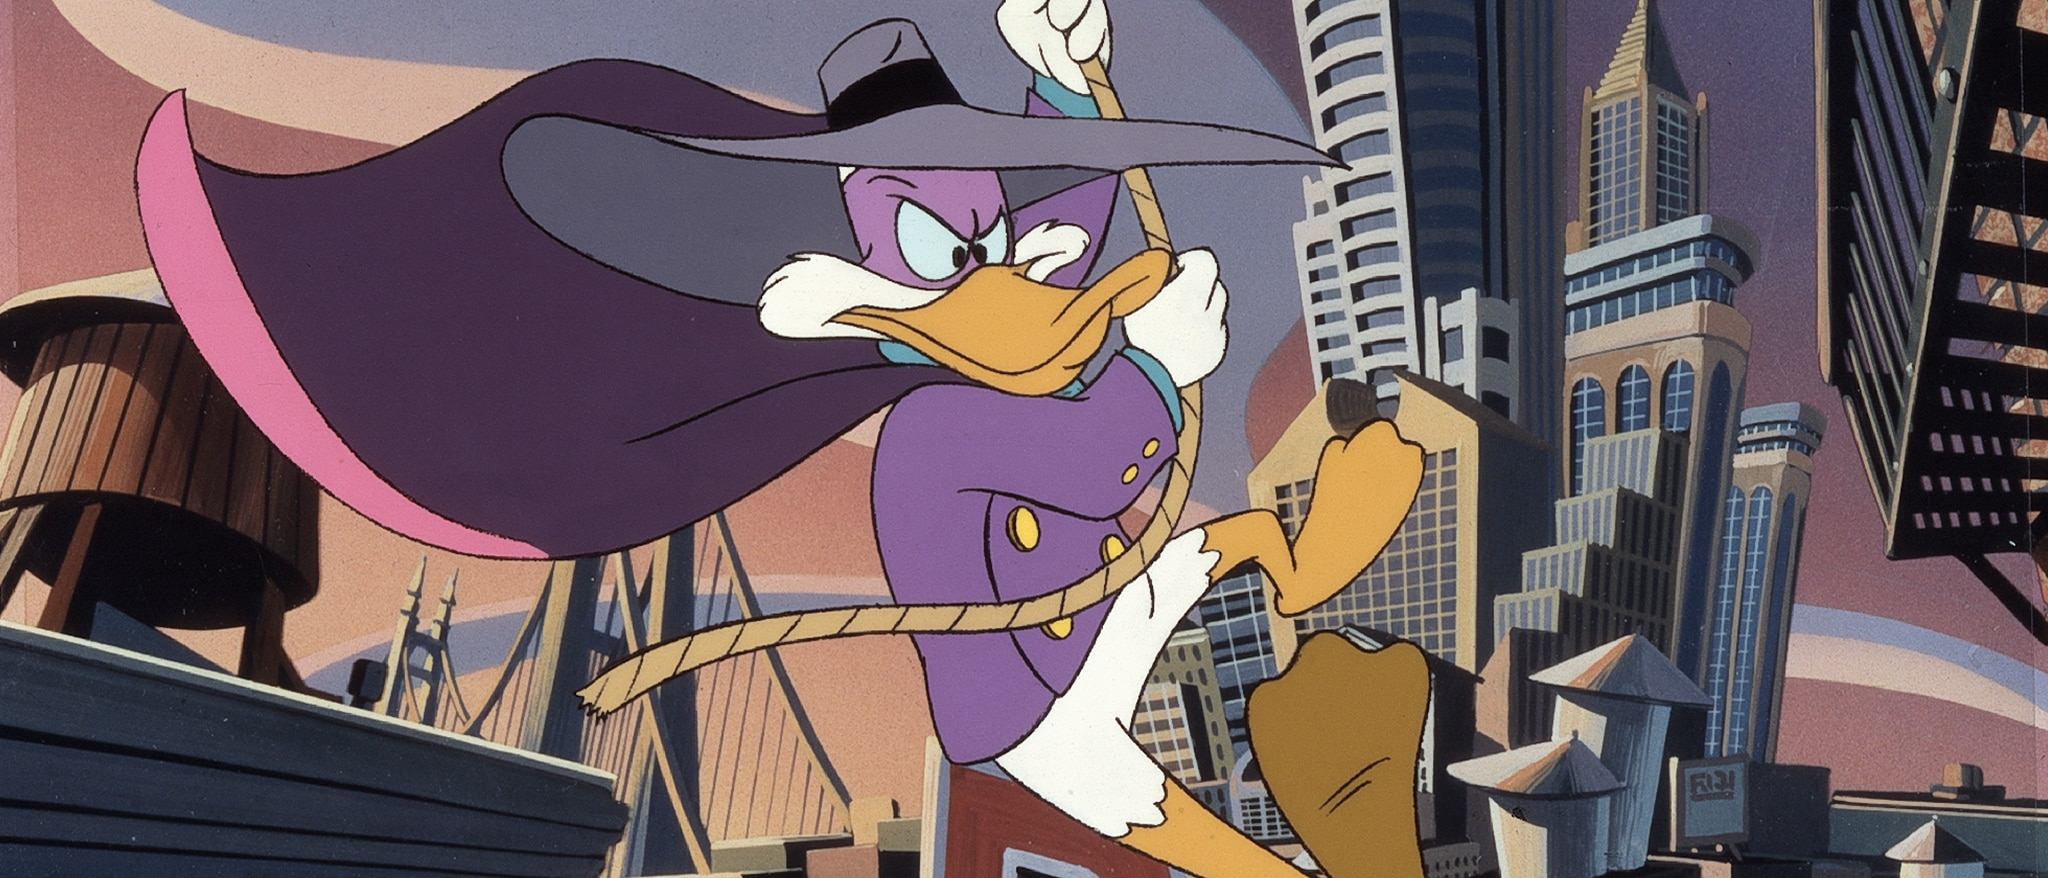 Darkwing Duck hero